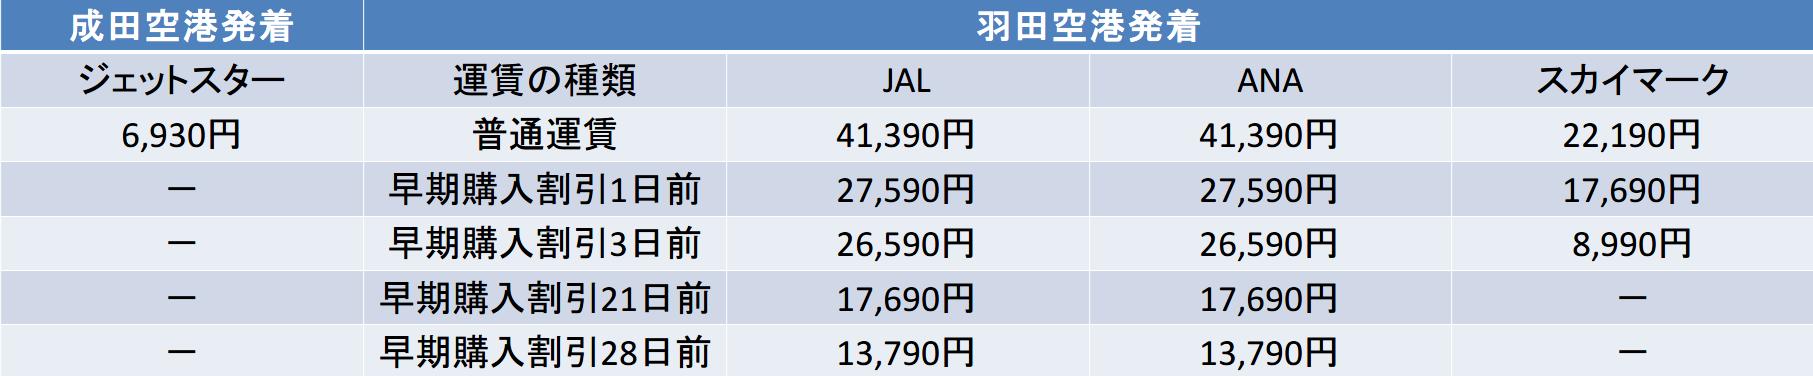 東京-福岡 ジェットスター JAL ANA スカイマーク 料金比較